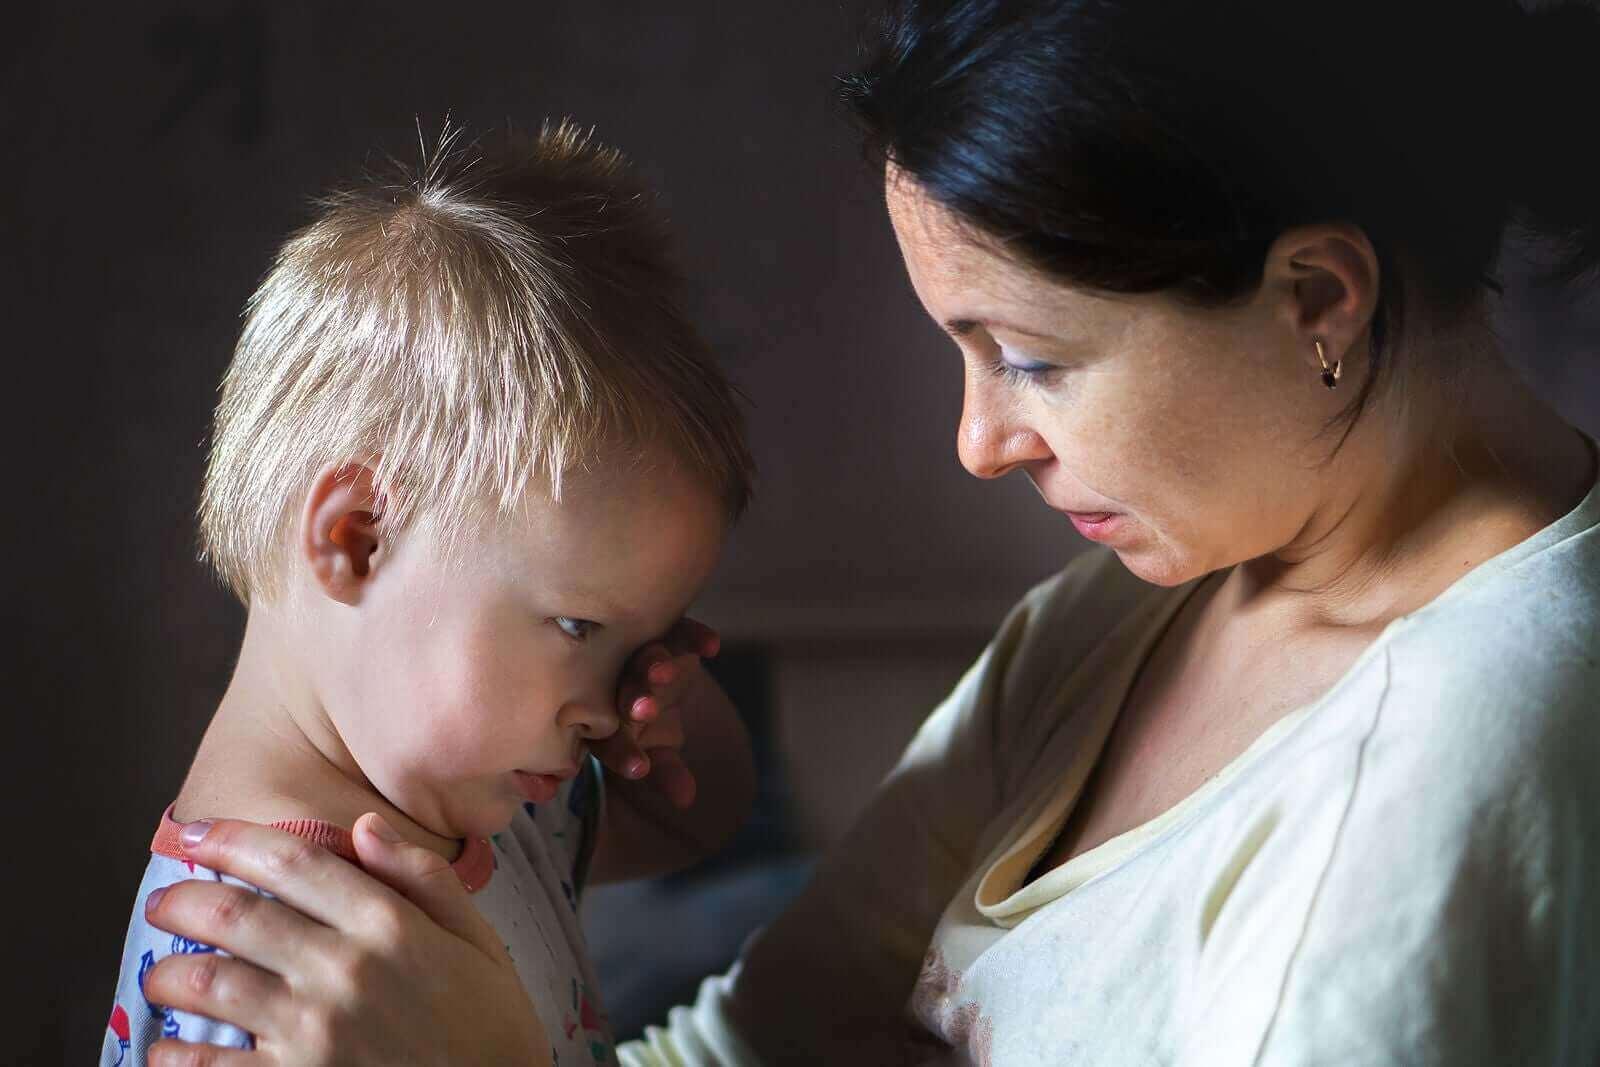 En mor som snakket rolig til sitt sinte småbarn.